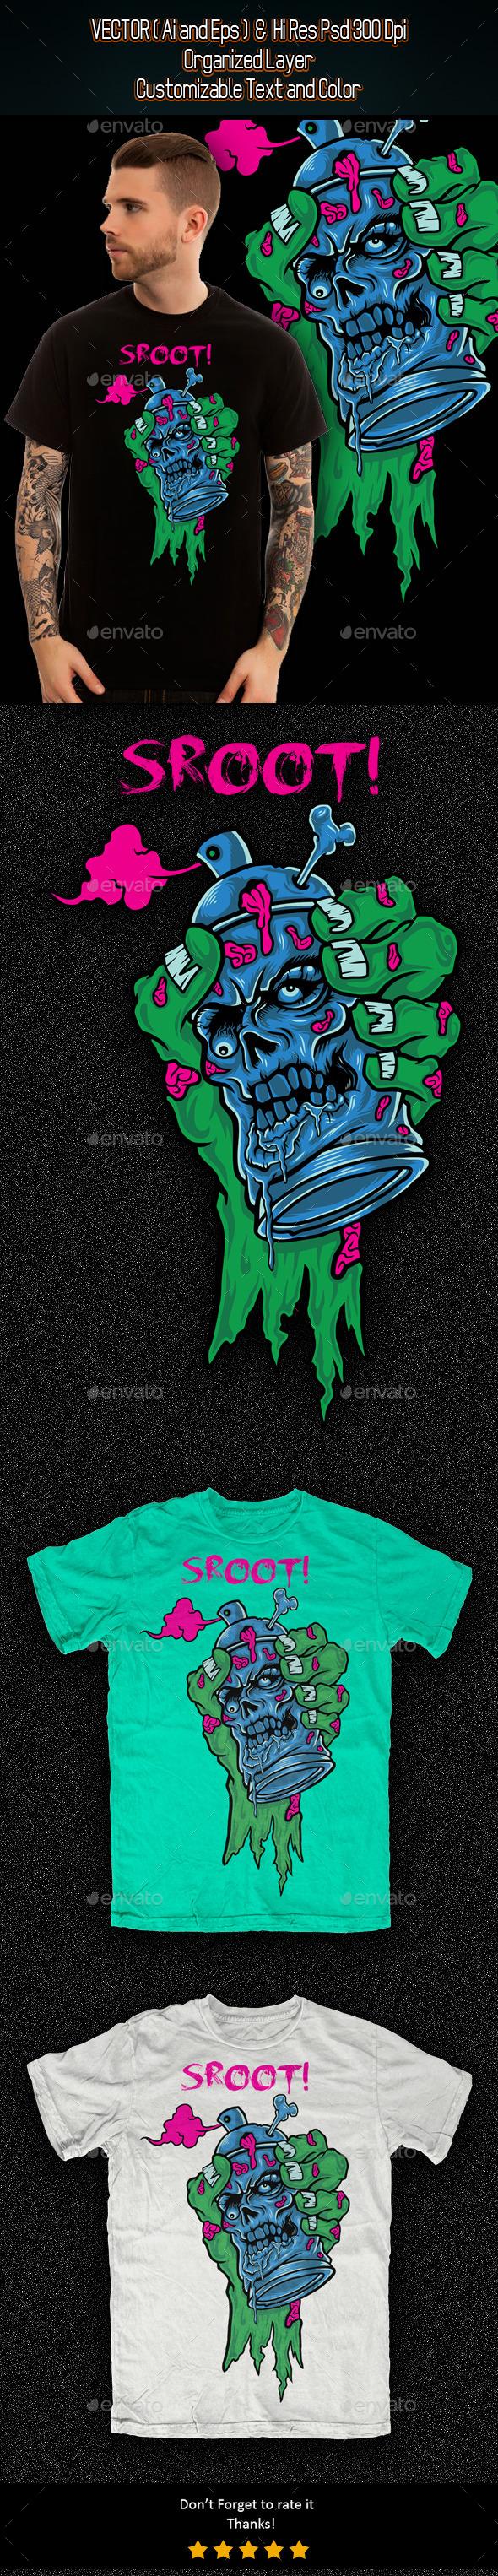 Sroot - Grunge Designs